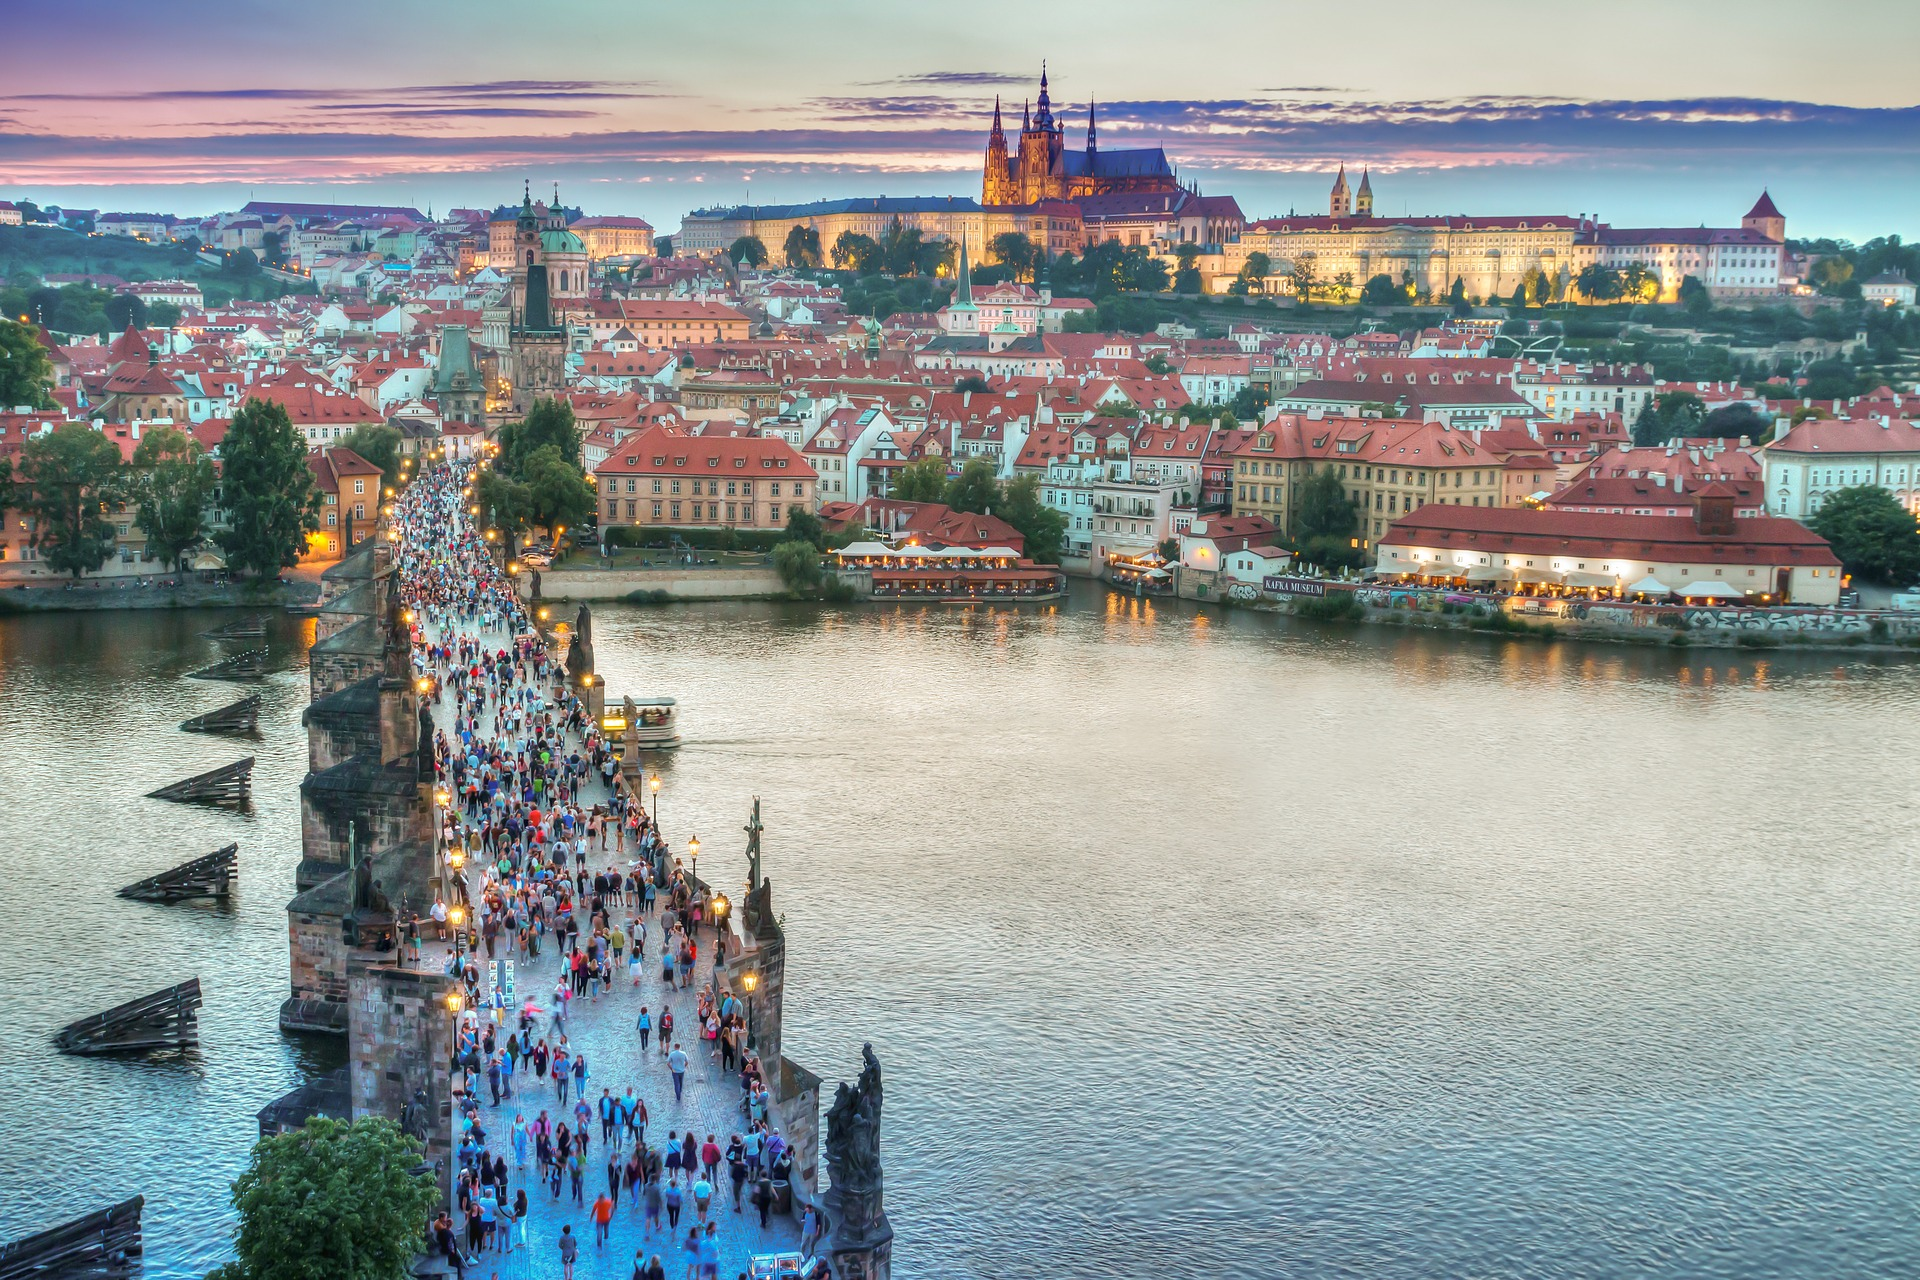 Vista aérea da cidade de Praga